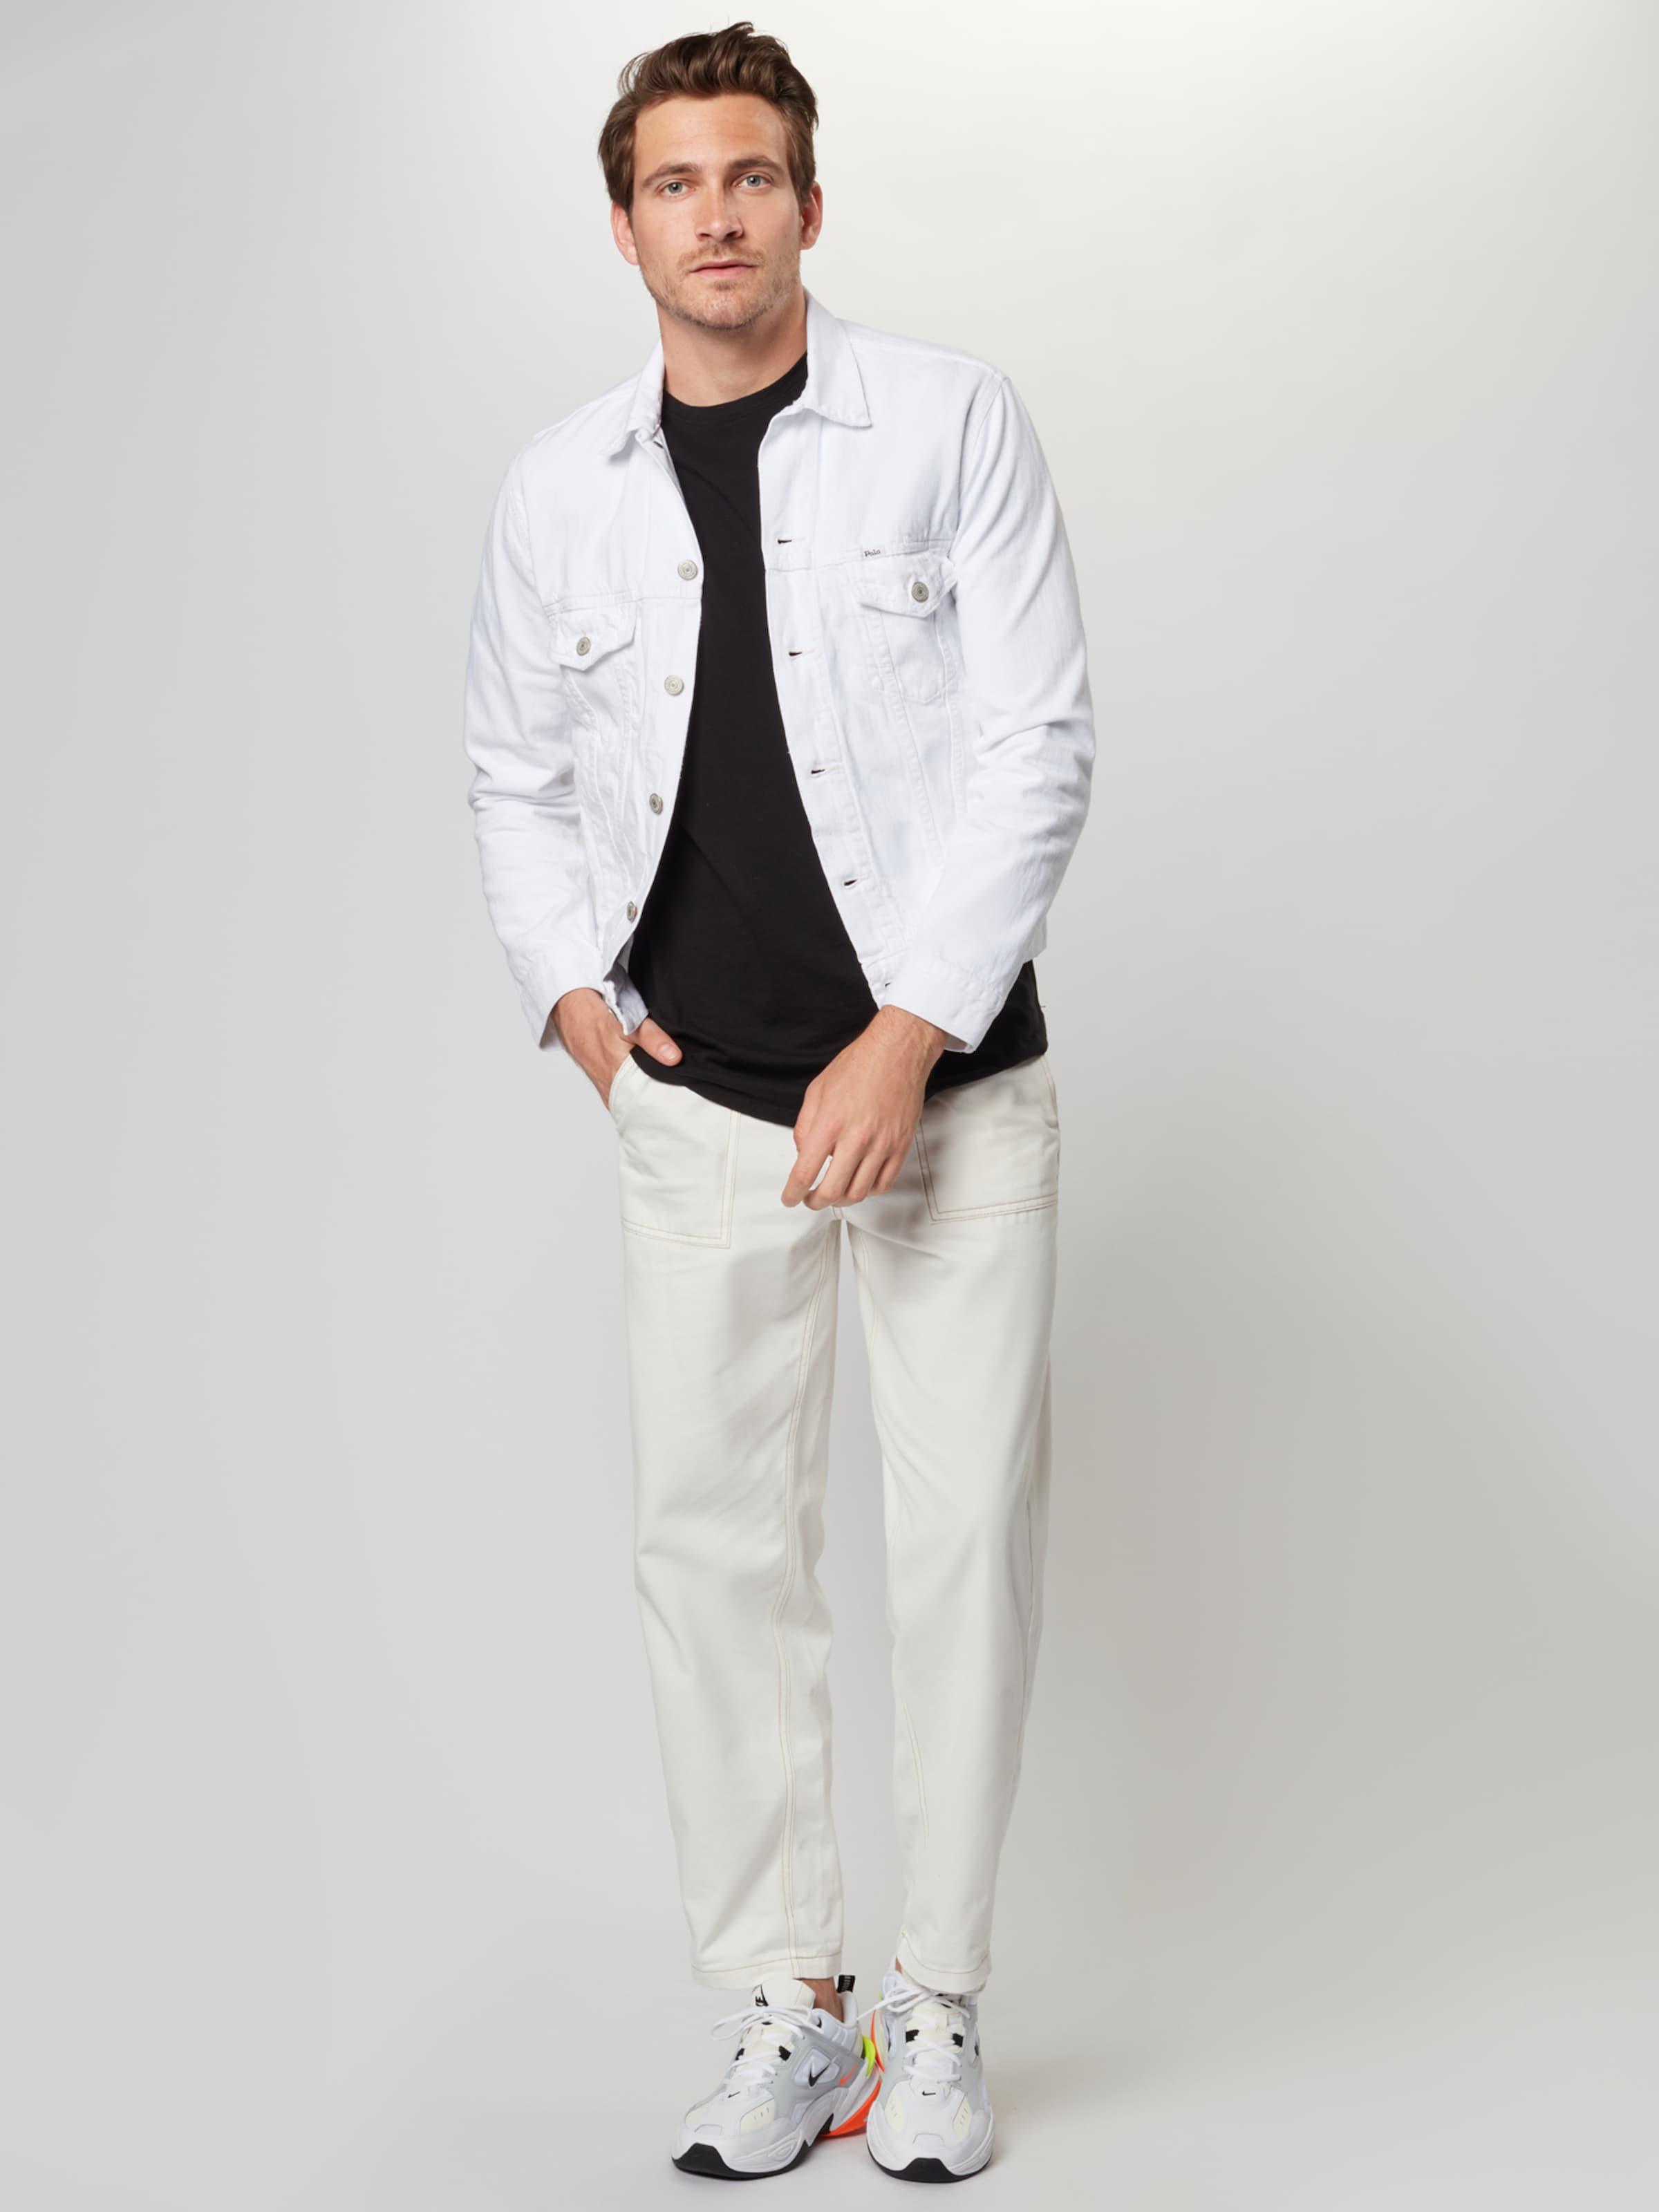 Trucker' Blanc Polo 'rl saison Mi Lauren En Veste Ralph 1clFJK